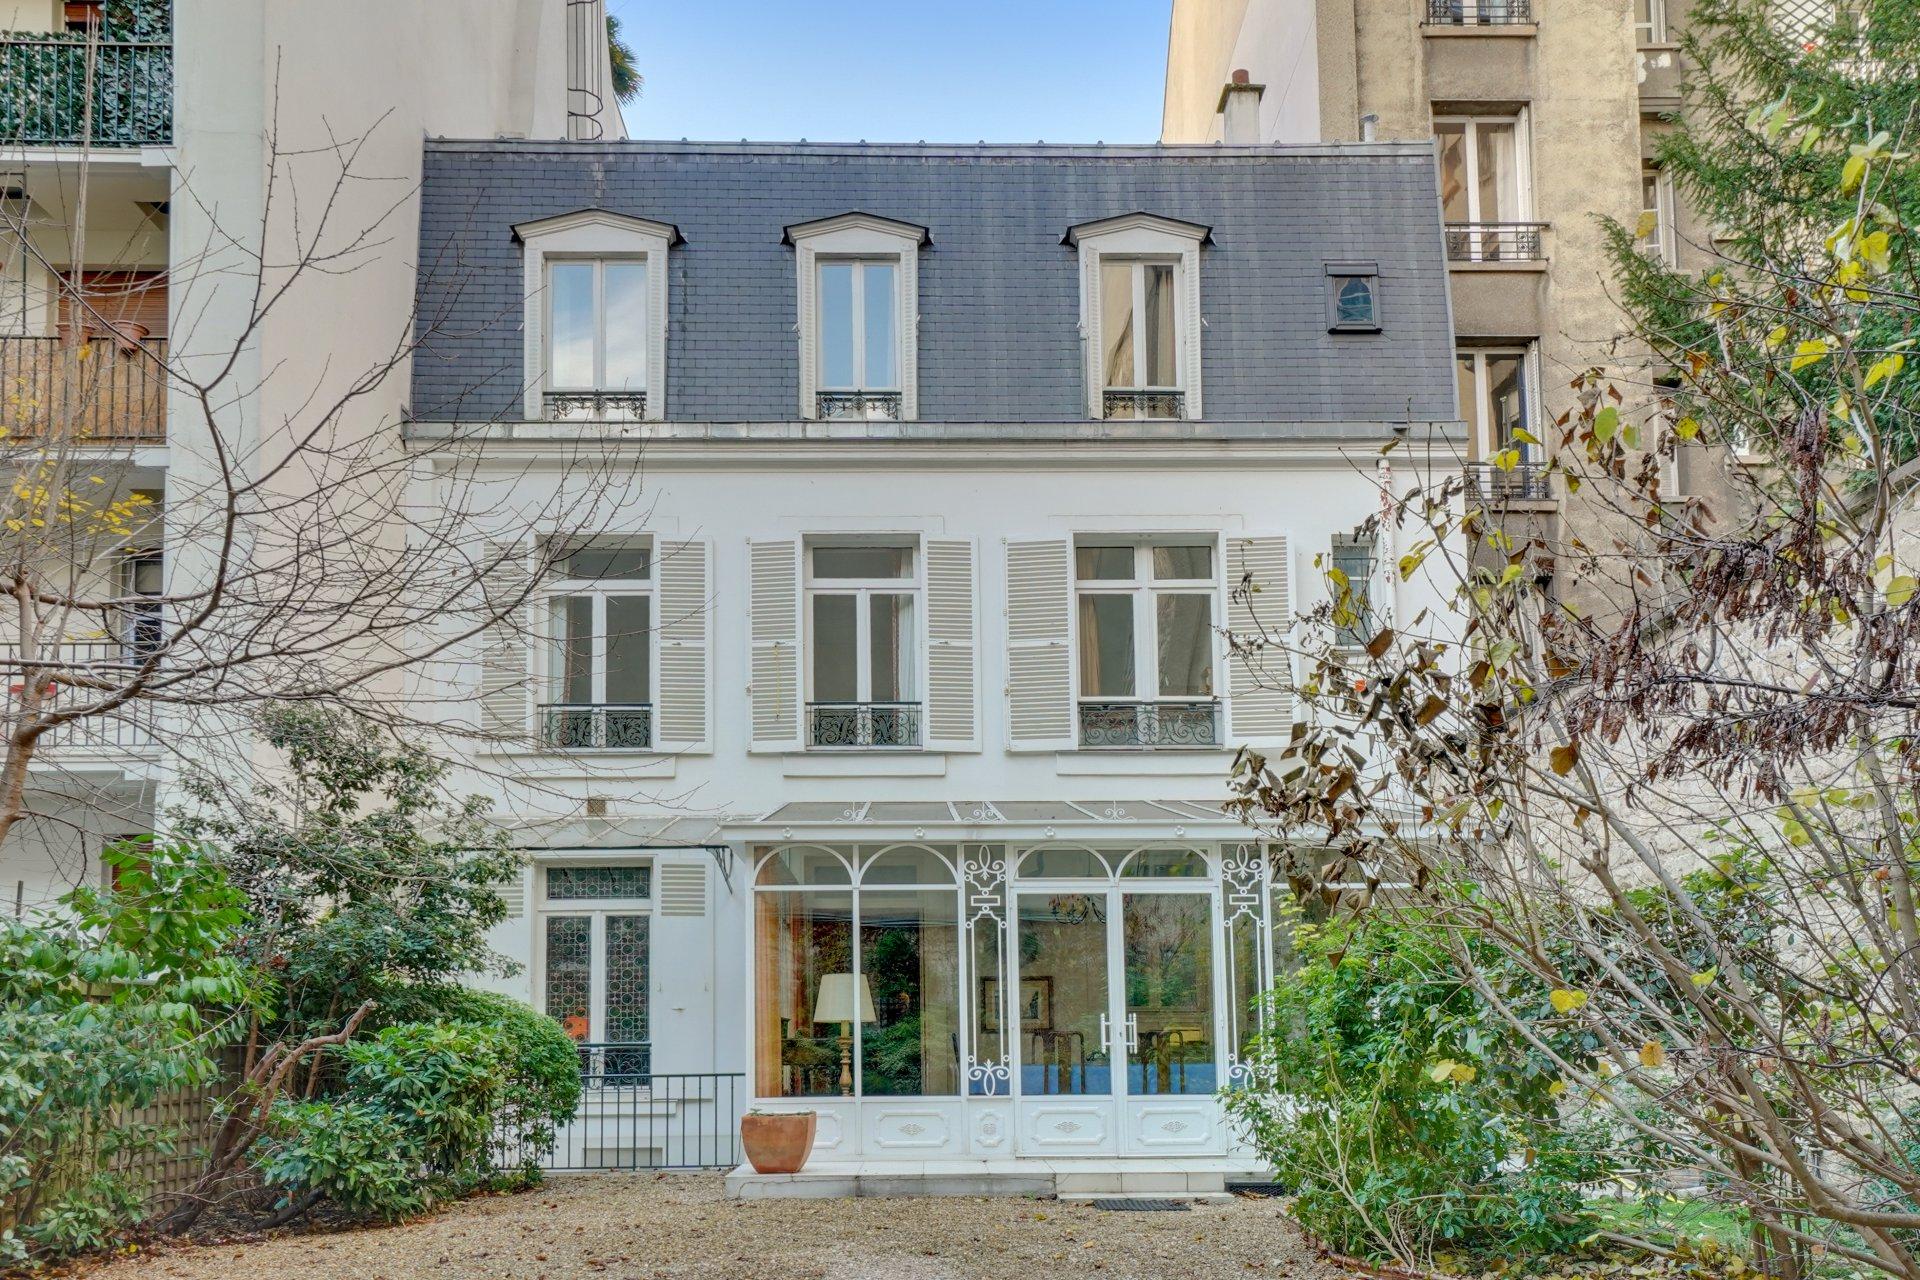 Palais de Chaillot / Rue de la Tour